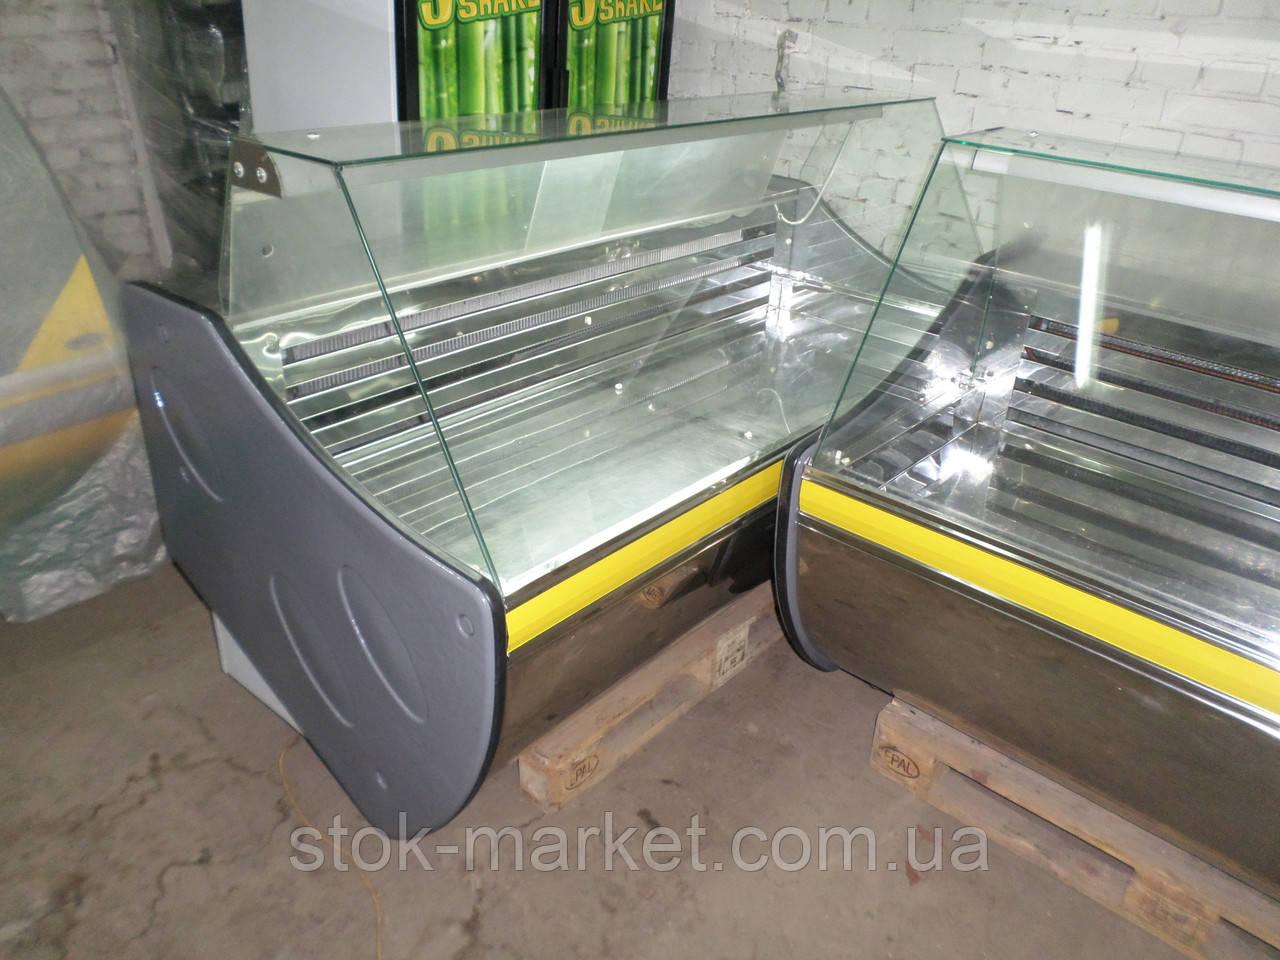 Витрина холодильная гастрономическая Технохолод 1,8 м